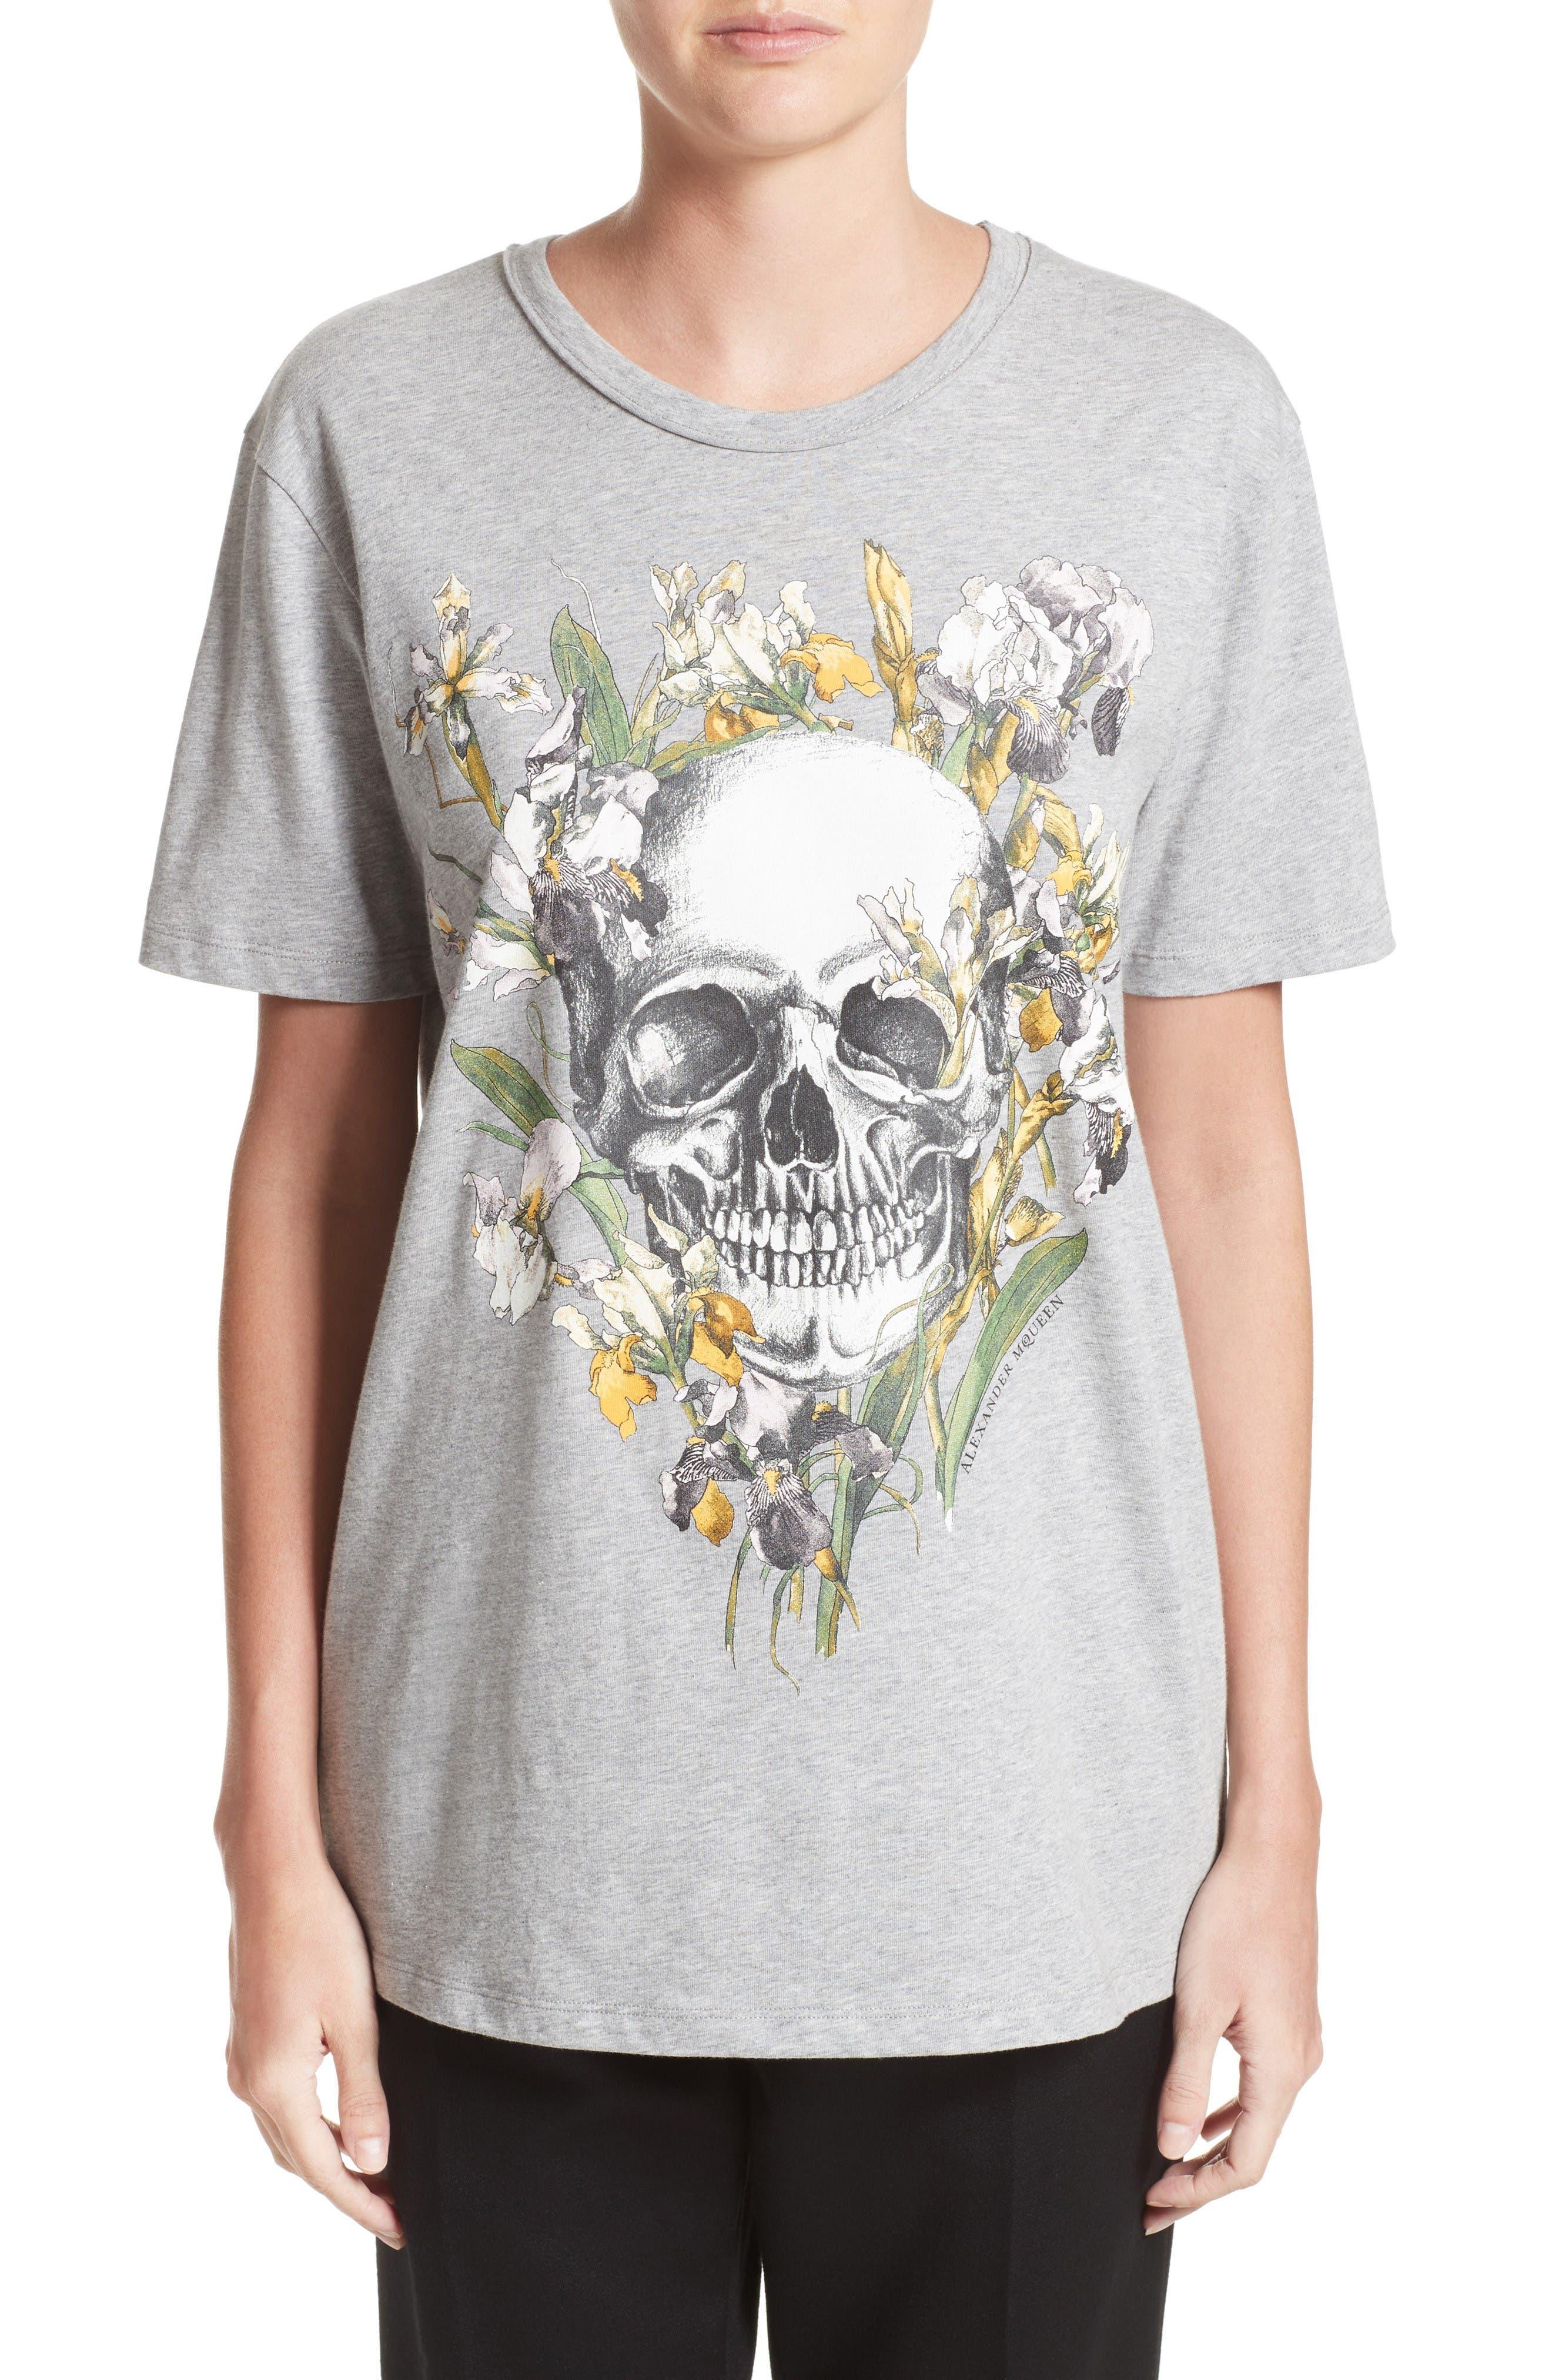 Alexander McQueen Skull & Iris Graphic Tee